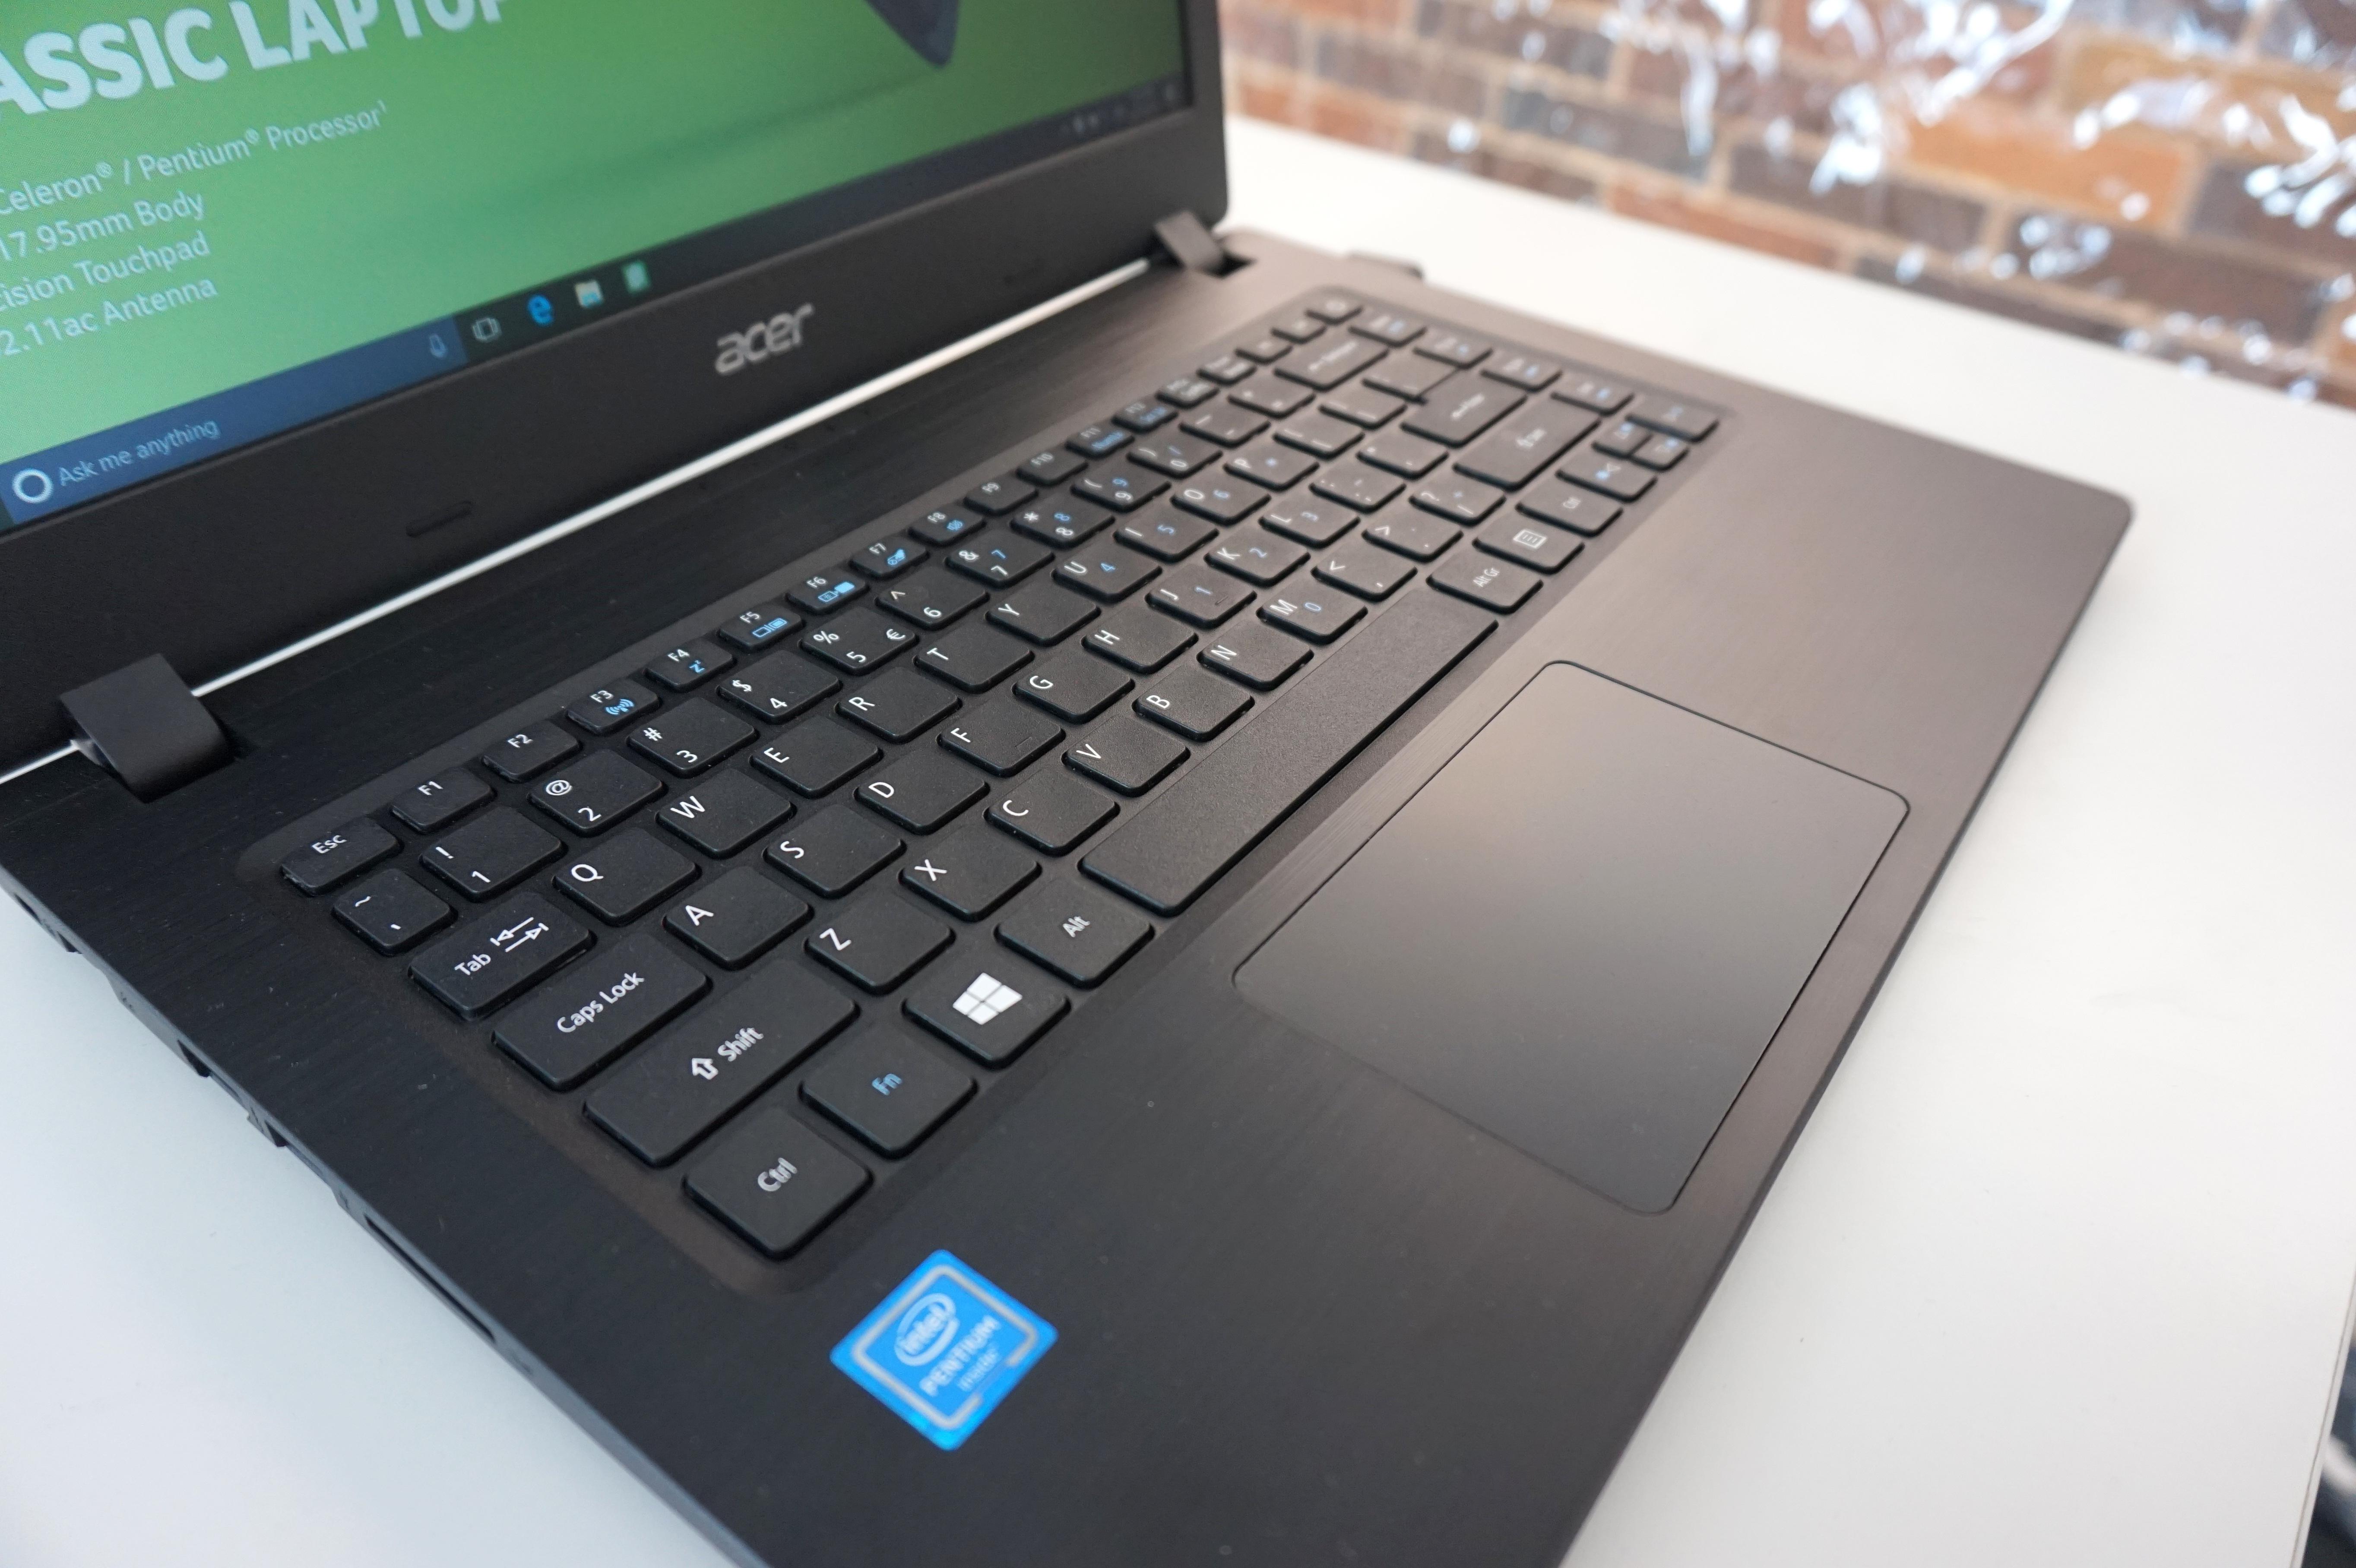 Acer Aspire 1 Tastatur